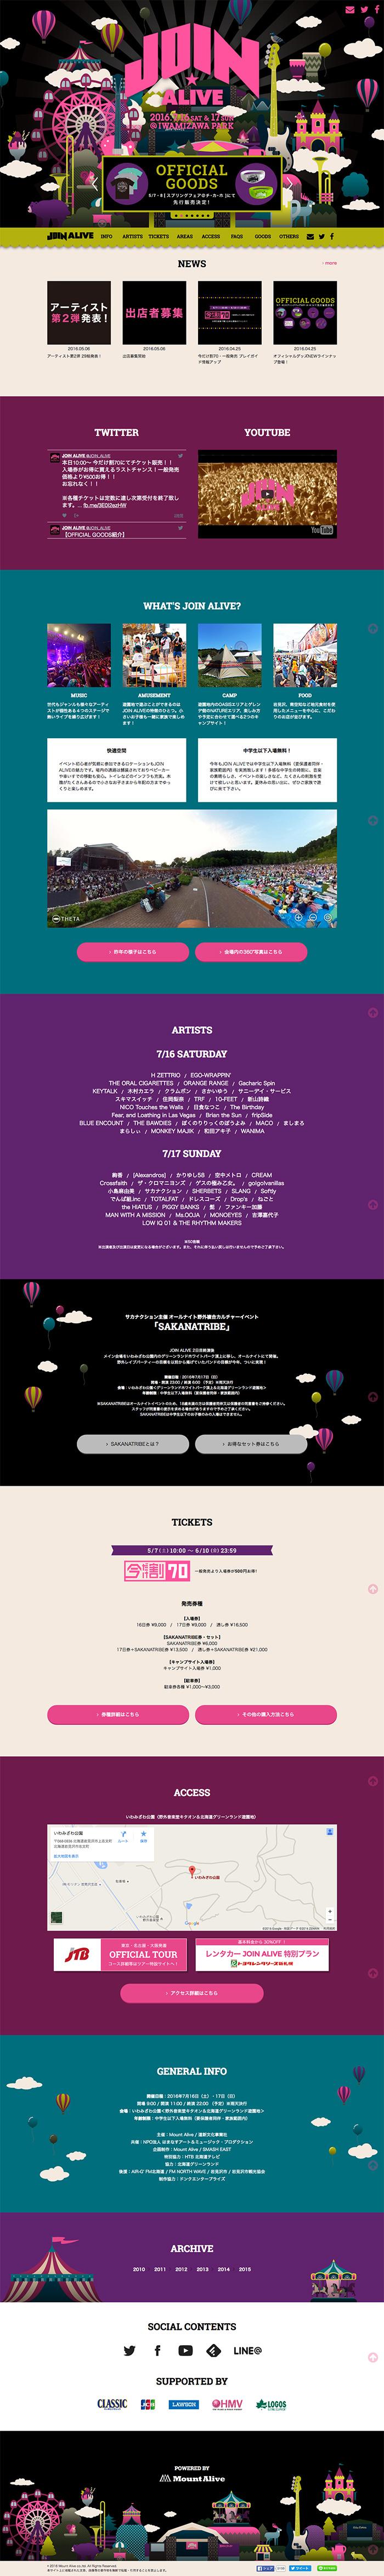 35-joinalive-jp-2016-1462588816543